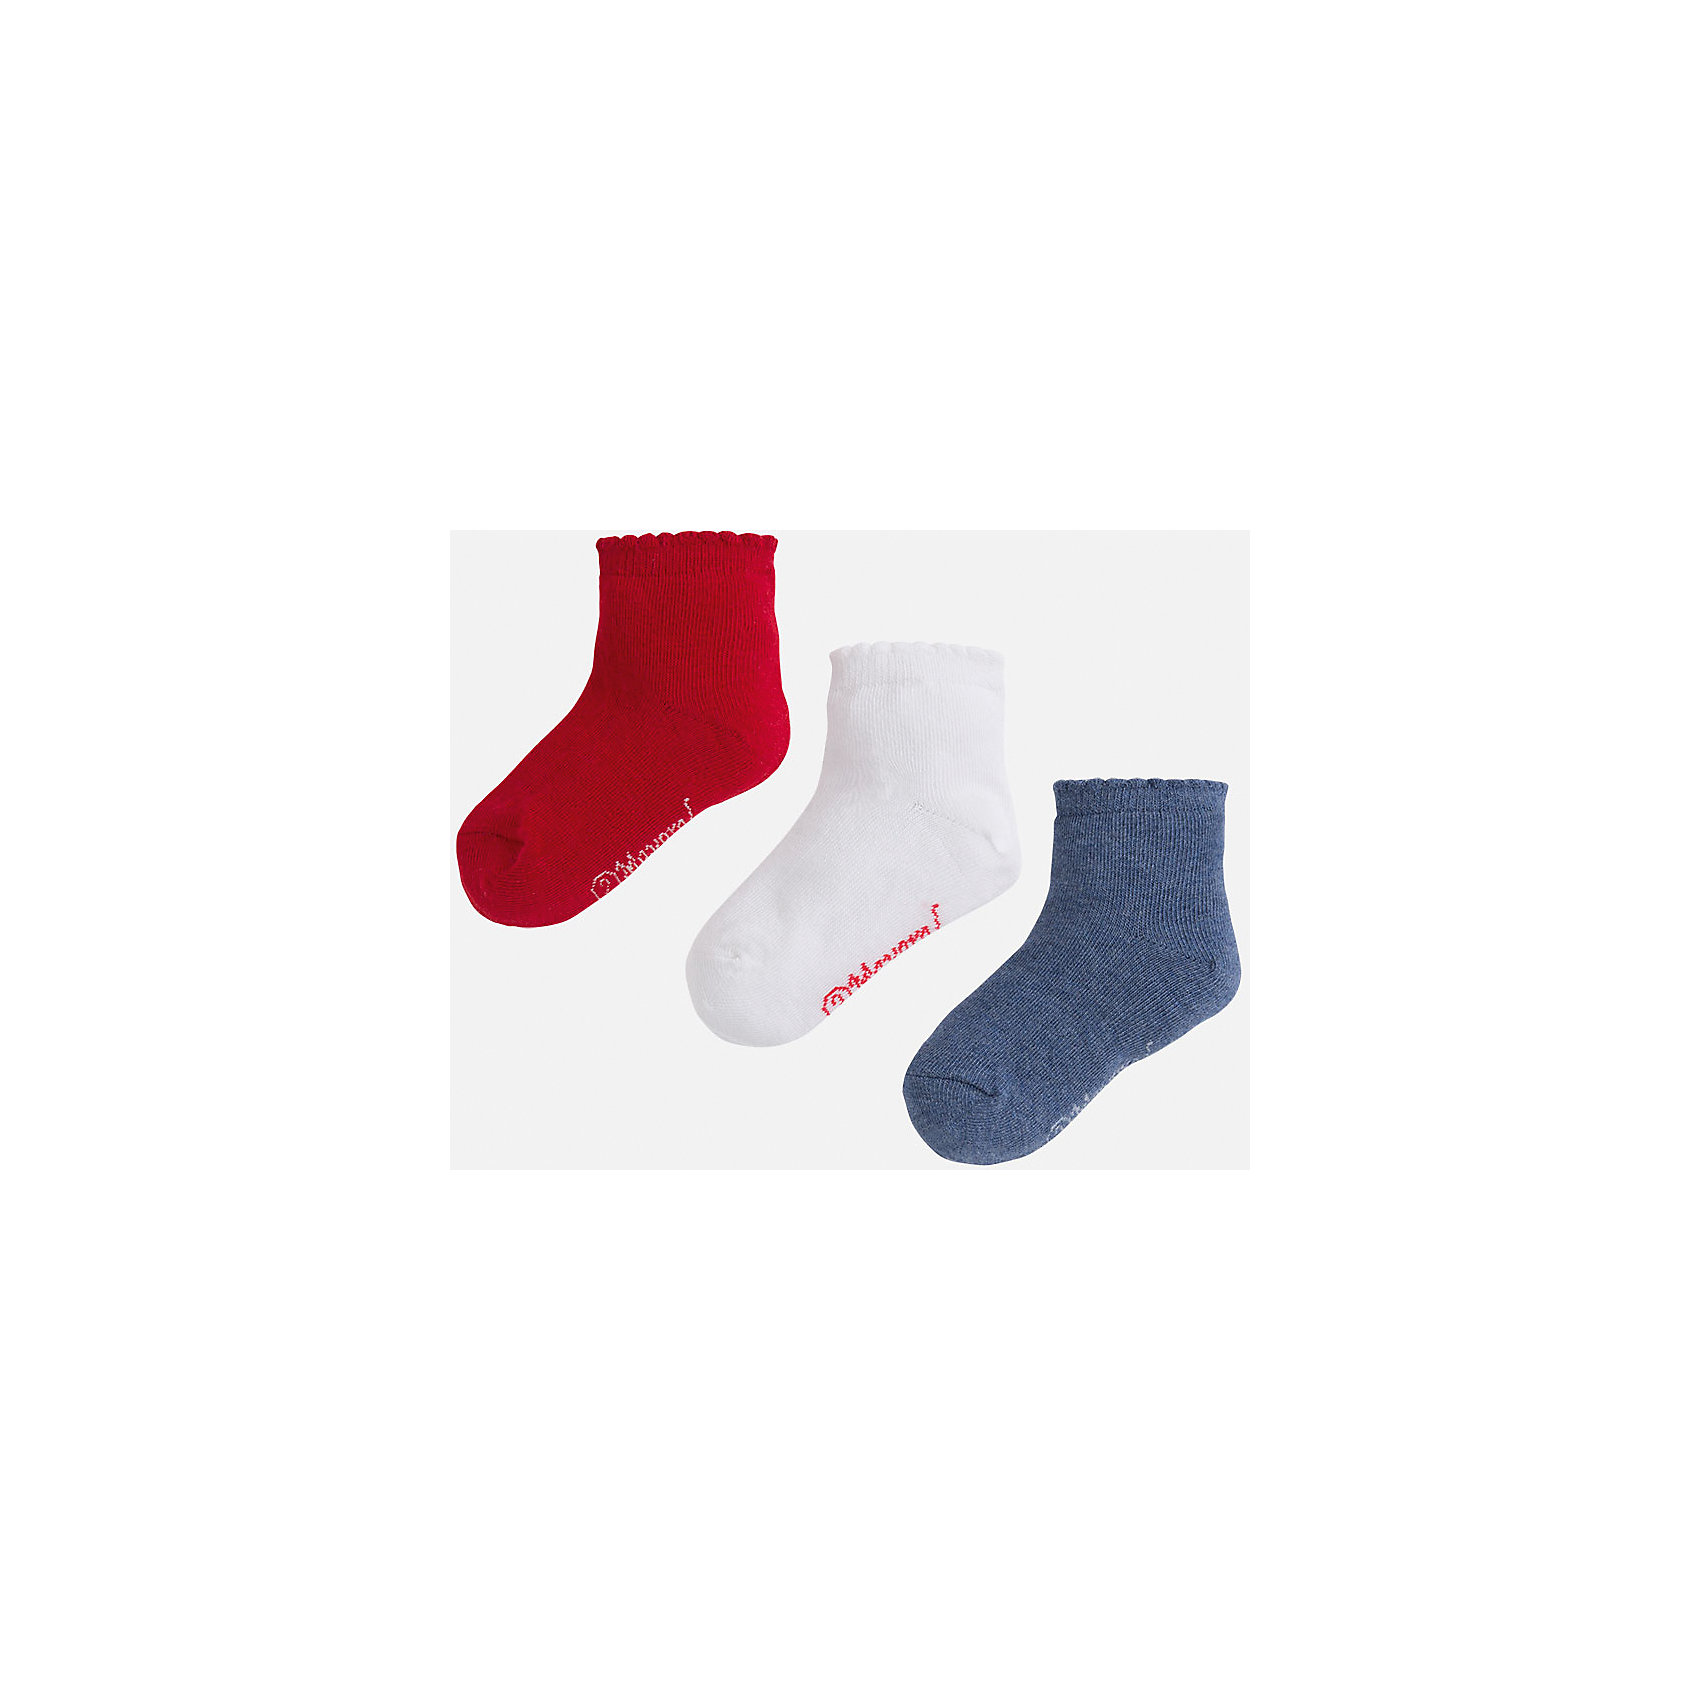 Носки,3 пары для девочки MayoralКомплект из трех пар носков для девочки от популярного испанского бренда Mayoral(Майорал). Все носки изготовлены из качественных прочных материалов, приятных телу. <br><br>Дополнительная информация:<br>Состав: 75% хлопок, 23% полиэстер, 2% эластан<br>Цвет: красный/белый/синий<br>Носки для девочки Mayoral(Майорал) можно купить в нашем интернет-магазине.<br><br>Ширина мм: 87<br>Глубина мм: 10<br>Высота мм: 105<br>Вес г: 115<br>Цвет: серый<br>Возраст от месяцев: 96<br>Возраст до месяцев: 108<br>Пол: Женский<br>Возраст: Детский<br>Размер: 32,29,28,27<br>SKU: 4847713